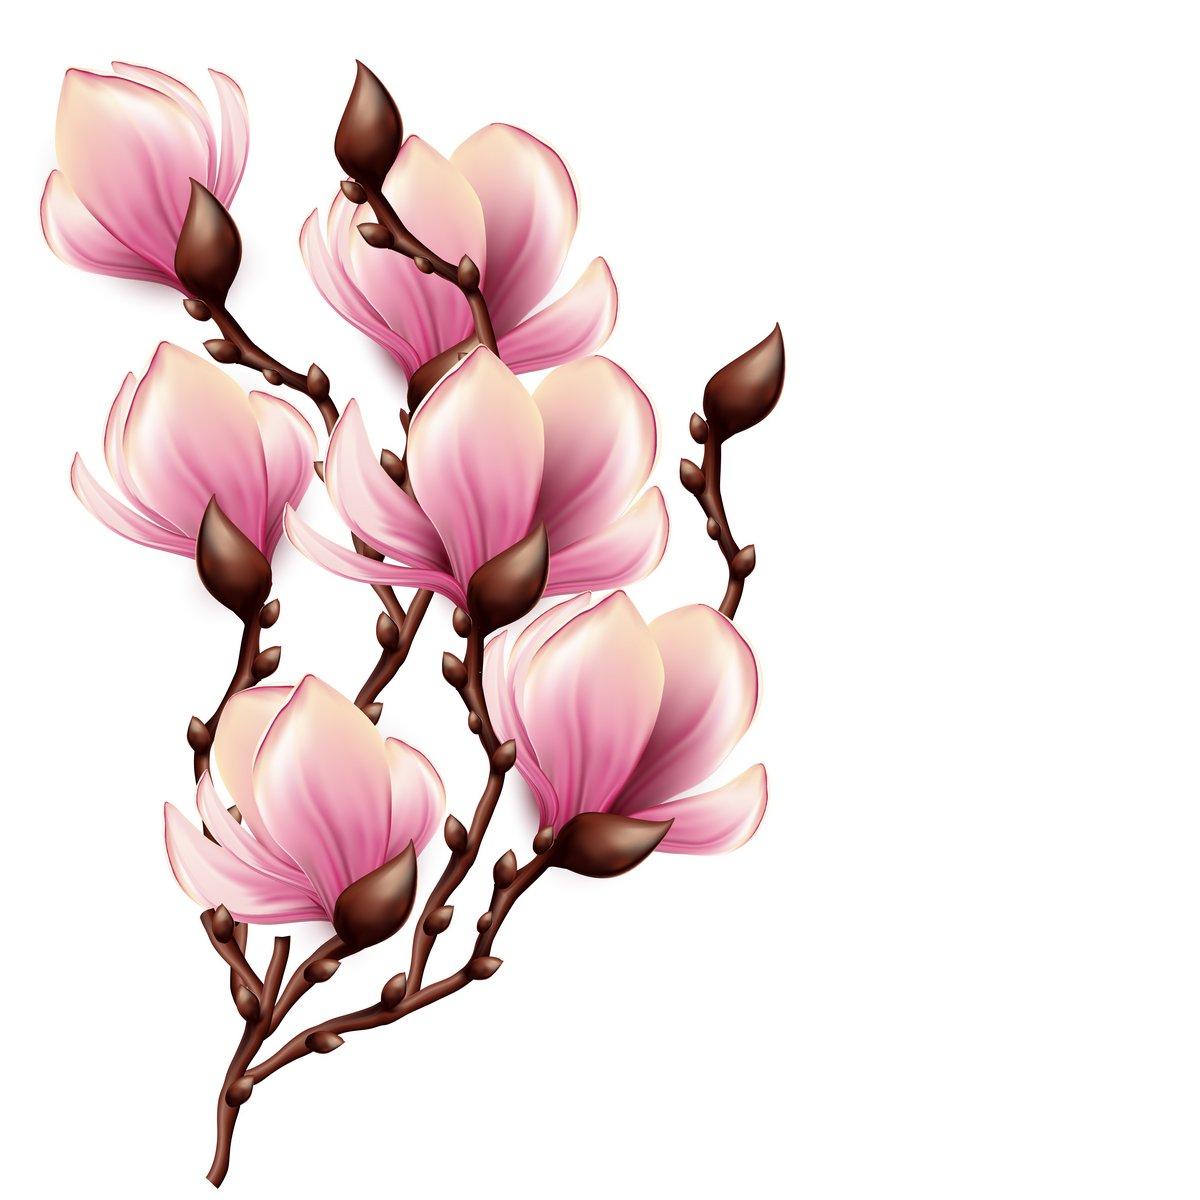 """Постер Цветы """"Постер 53022411"""", 20x20 см, на бумаге от Artwall"""